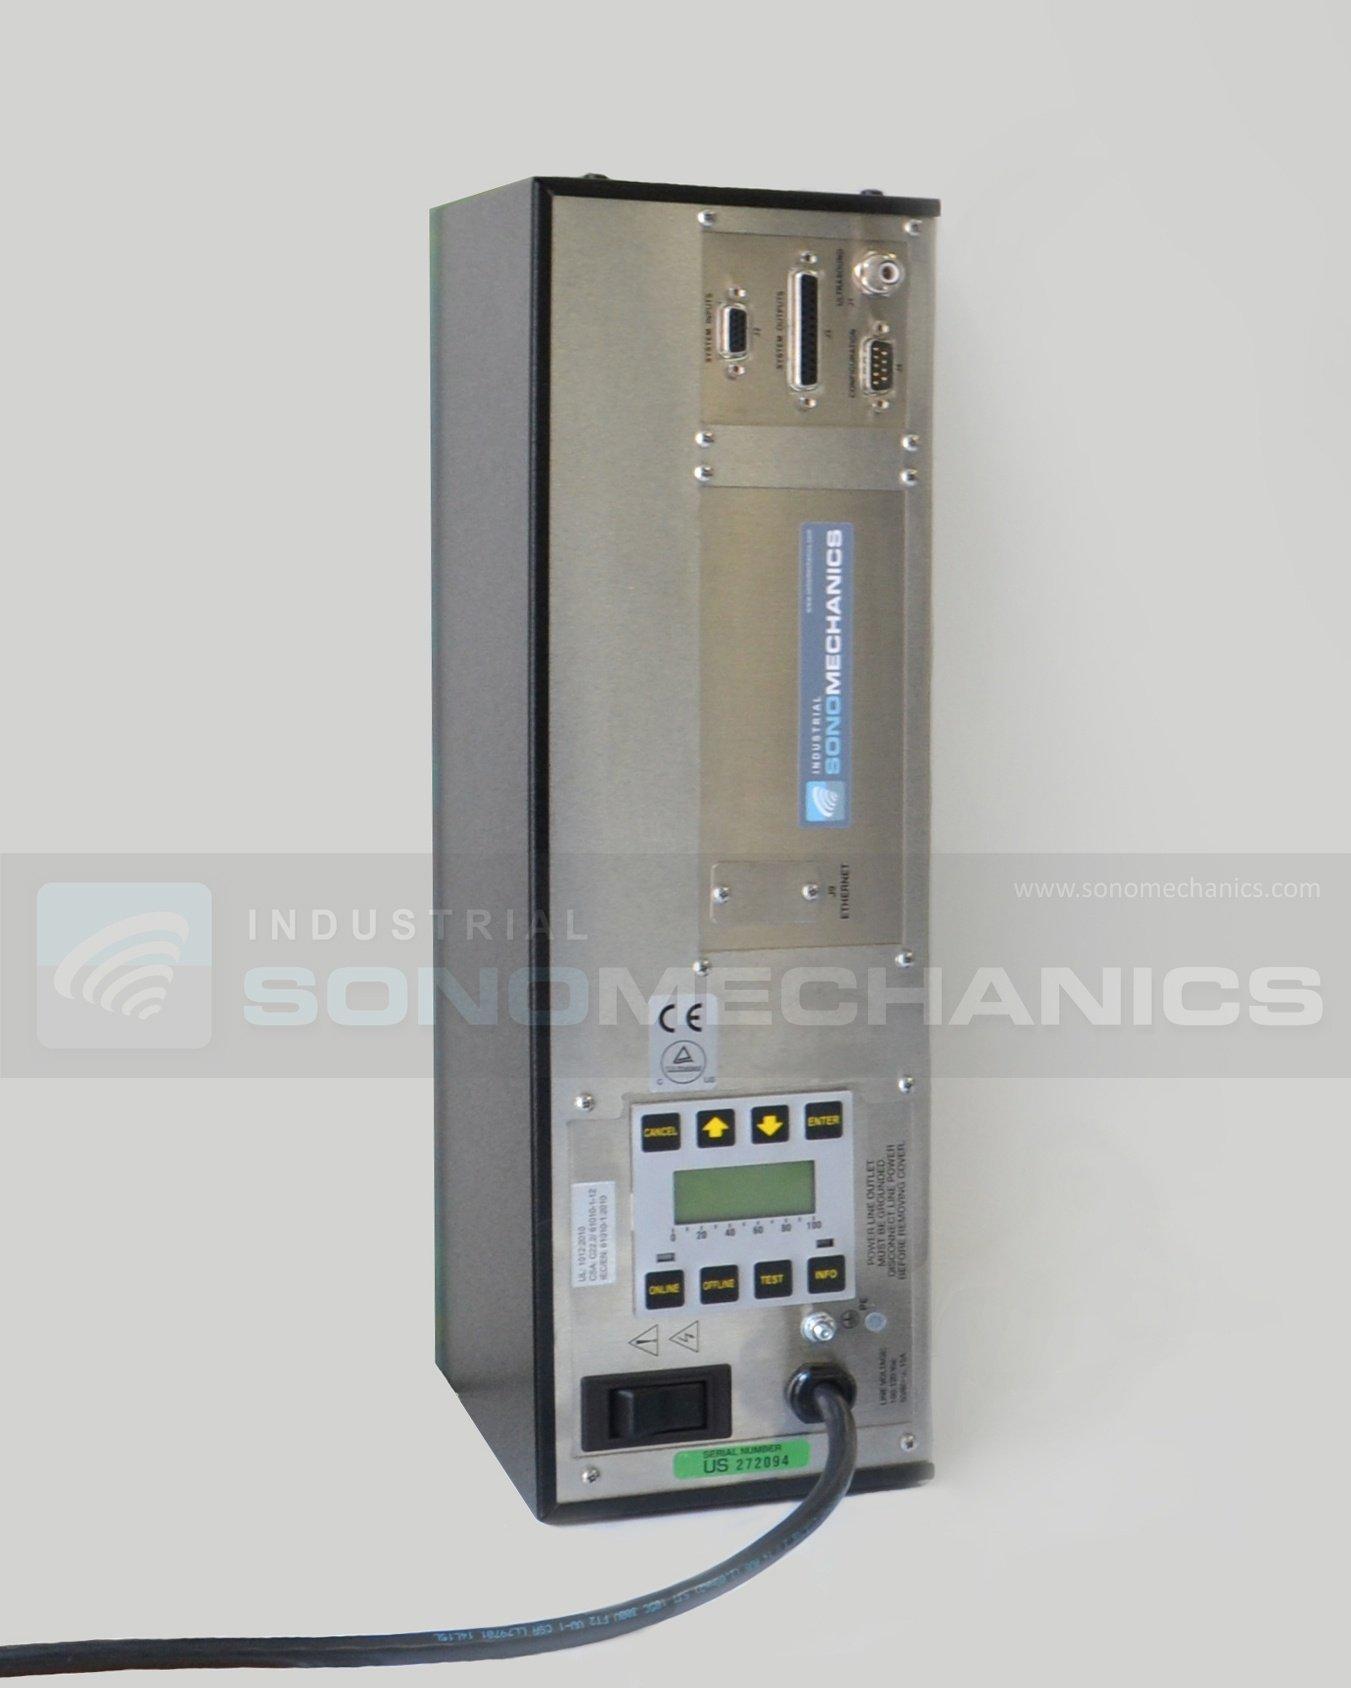 BSP-1200 generator